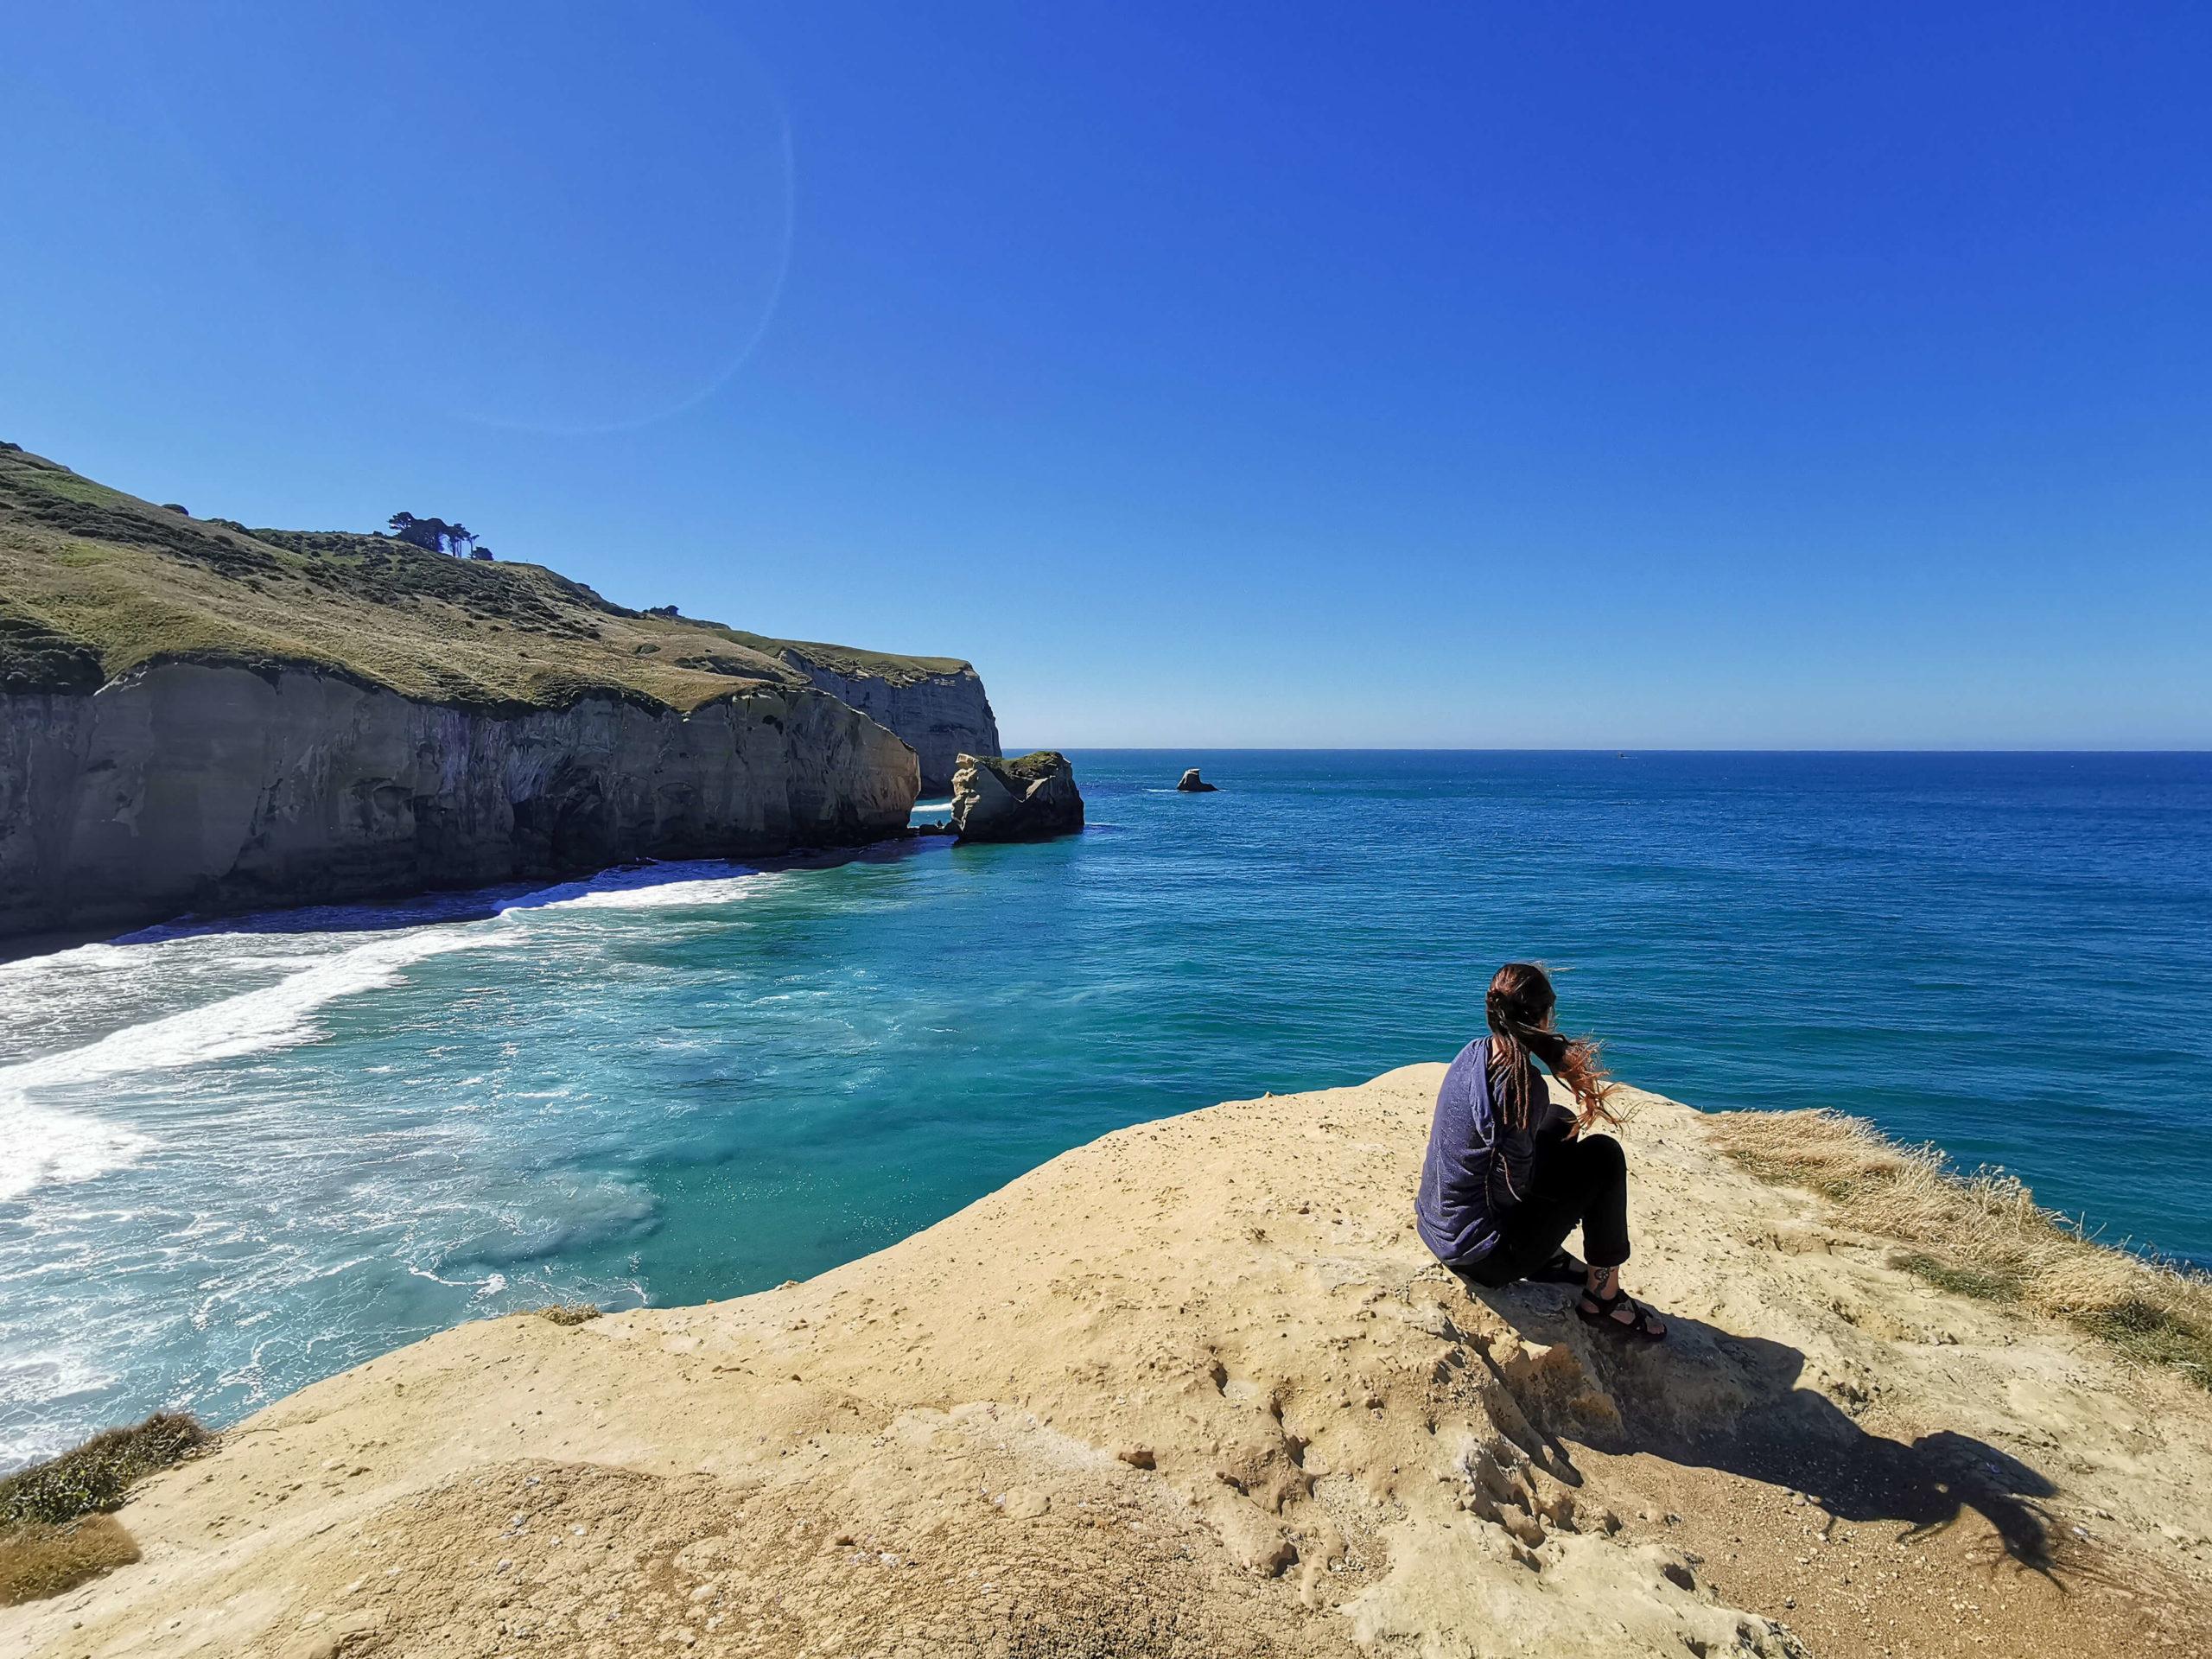 Meeriwild sur falaise Tunnel beach Nouvelle-Zélande